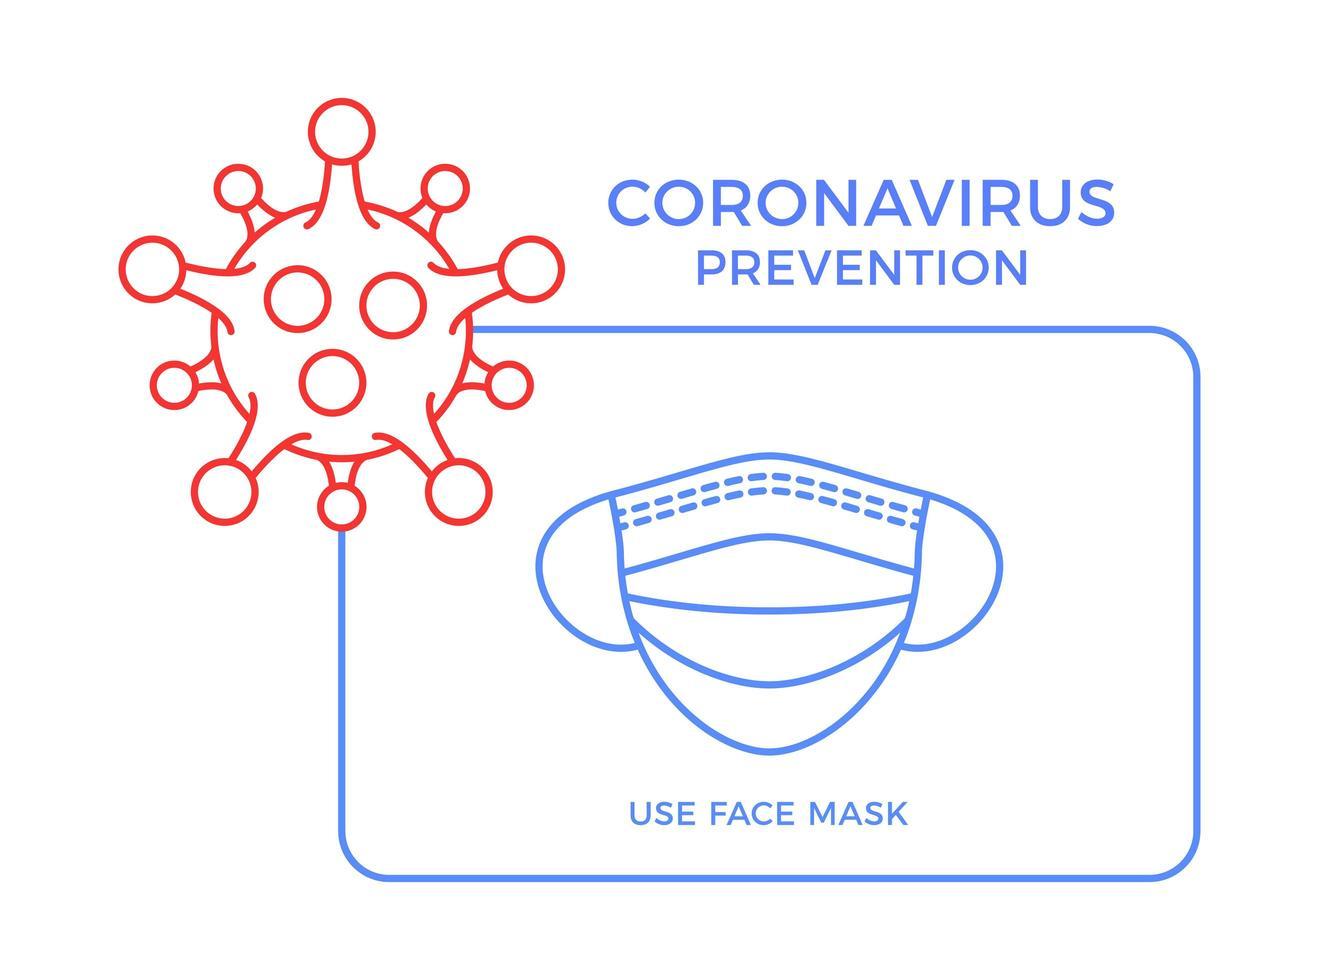 banner gezichtsmasker pictogram preventie coronavirus. concept bescherming covid-19 teken vector illustratie. covid-19 preventie ontwerp achtergrond.